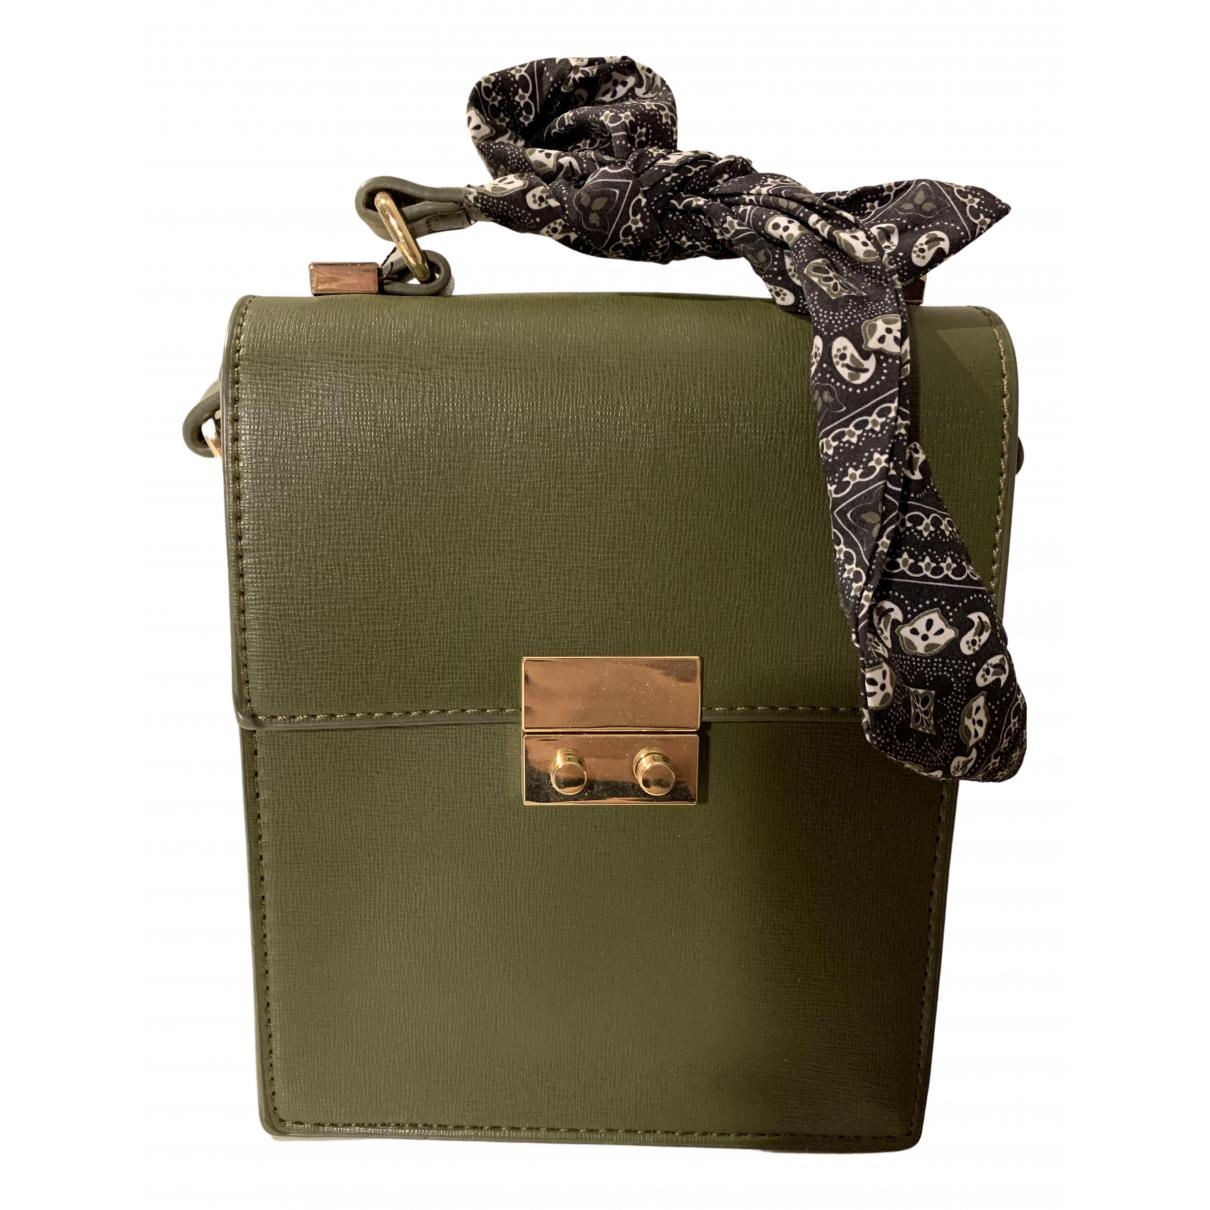 Zara \N Handtasche in  Gruen Leder